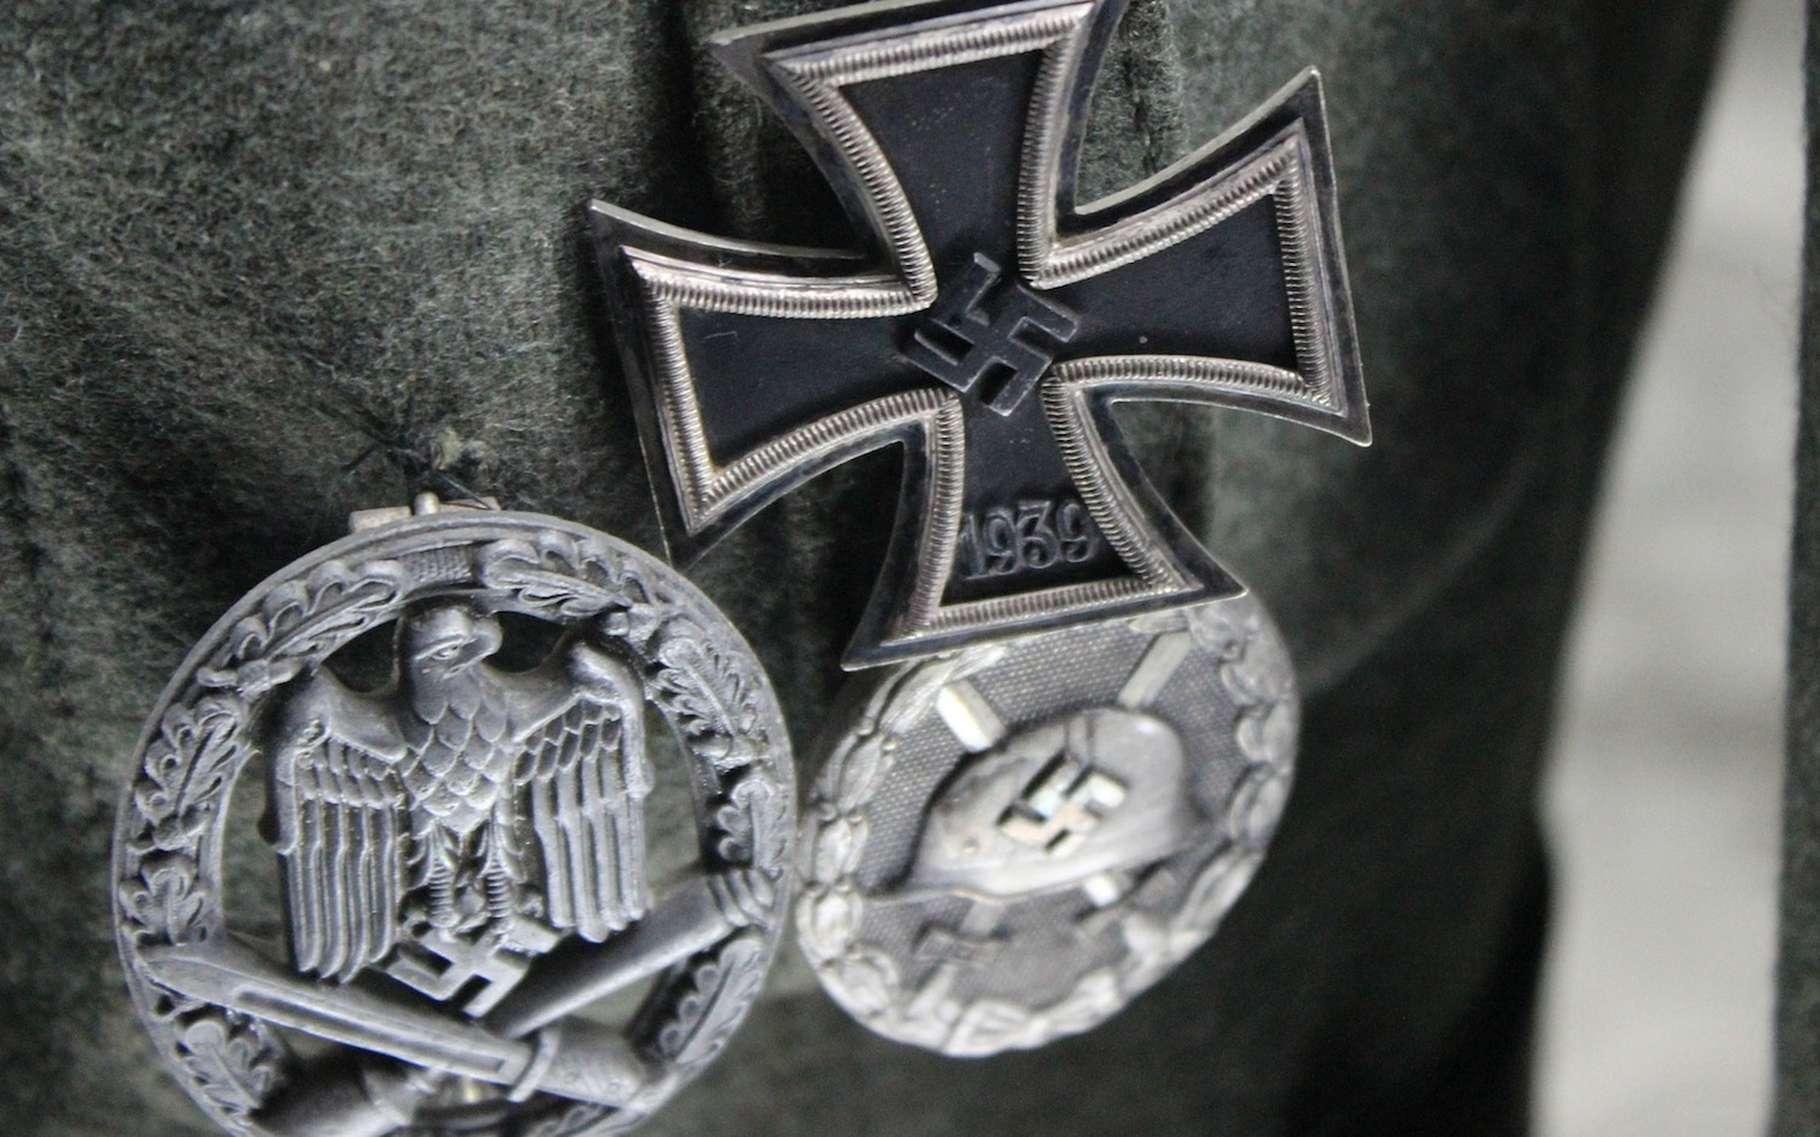 Après analyses des dents et d'un fragment de crâne du führer, des spécialistes affirment qu'Hitler est bien mort, comme le raconte l'histoire, en 1945. © alex1983, Pixabay, CC0 Creative Commons